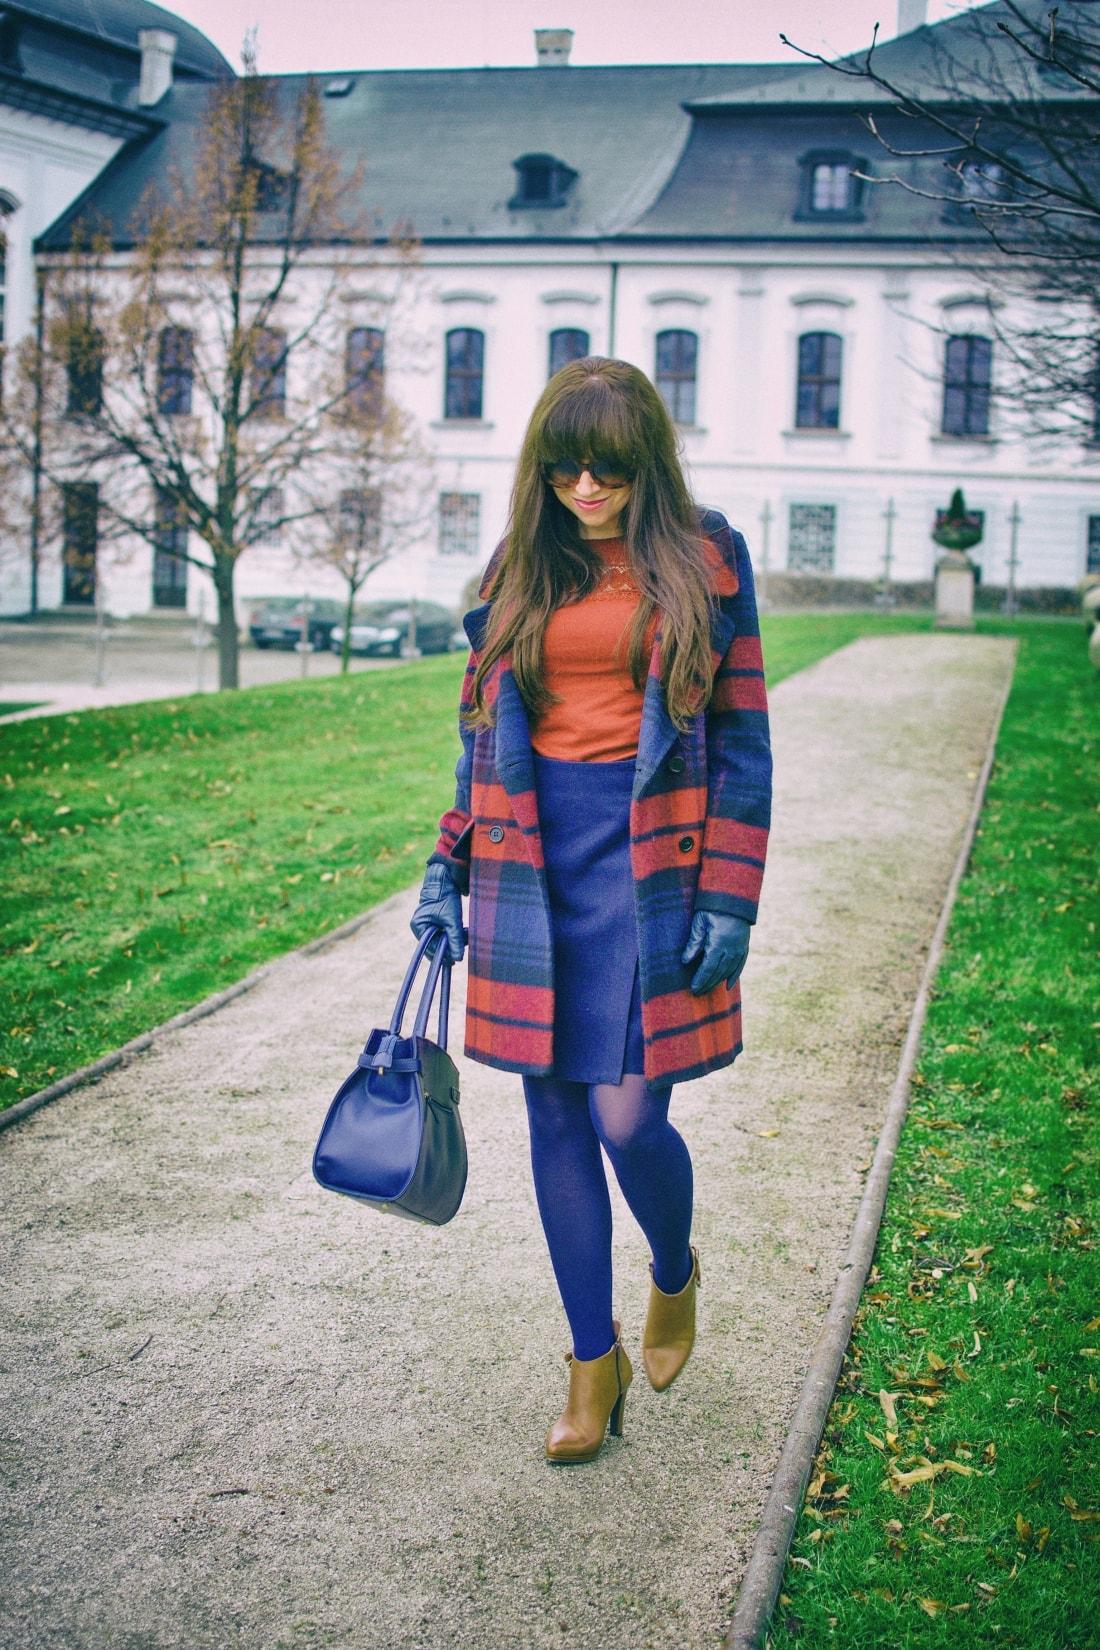 Tvoj osobný upgrade_Katharine-fashion is beautiful_blog 6_vzorovaný kabát_elegancia_bordovomodrá_Katarína Jakubčová_Fashion blogger